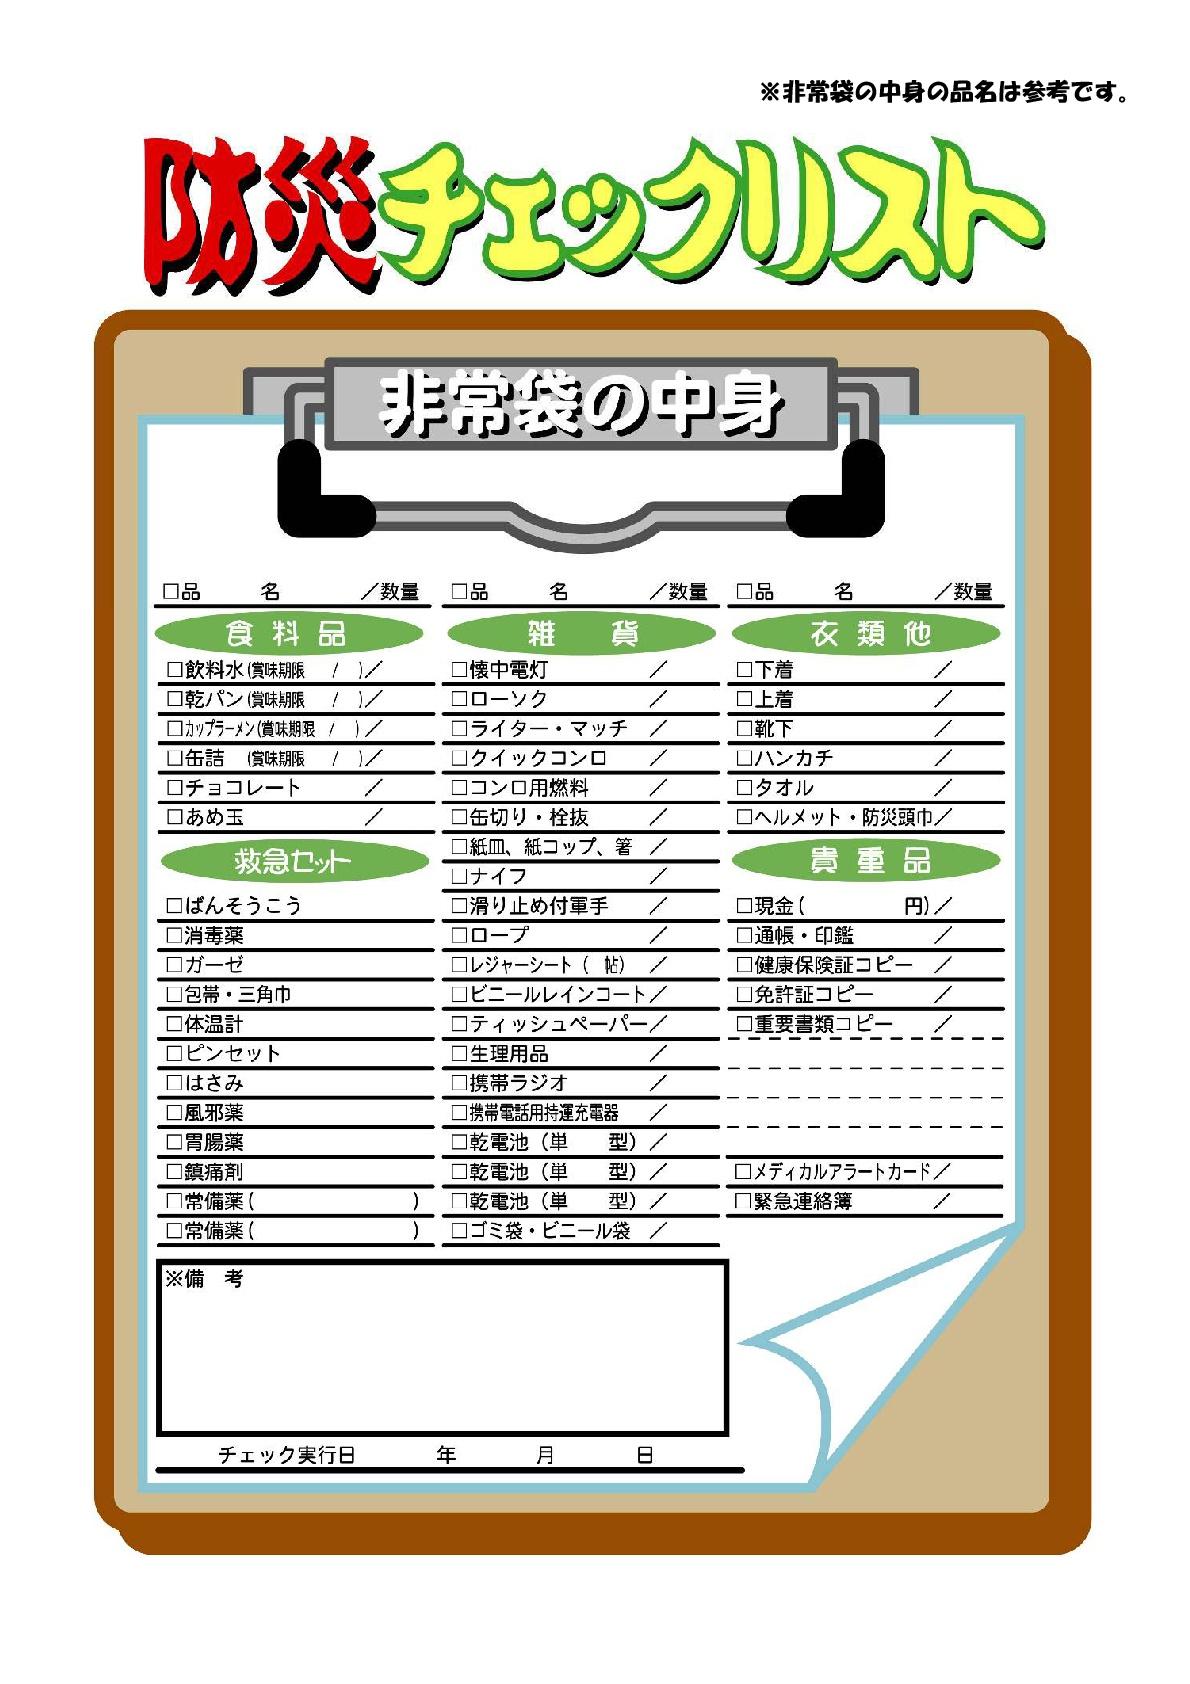 大阪狭山市防災チェックリスト